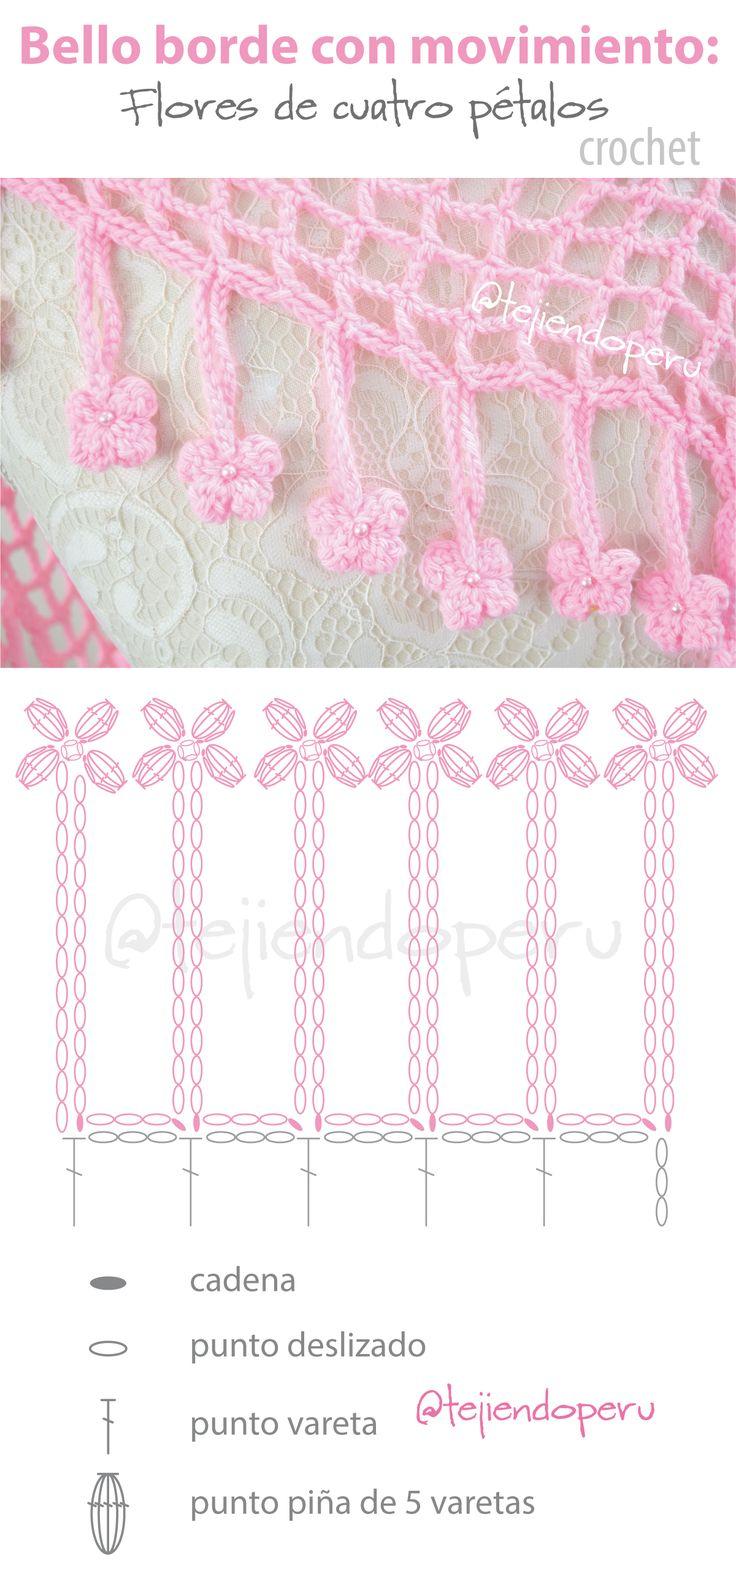 Bello borde con movimiento tejido a crochet: flores de 4 pétalos!